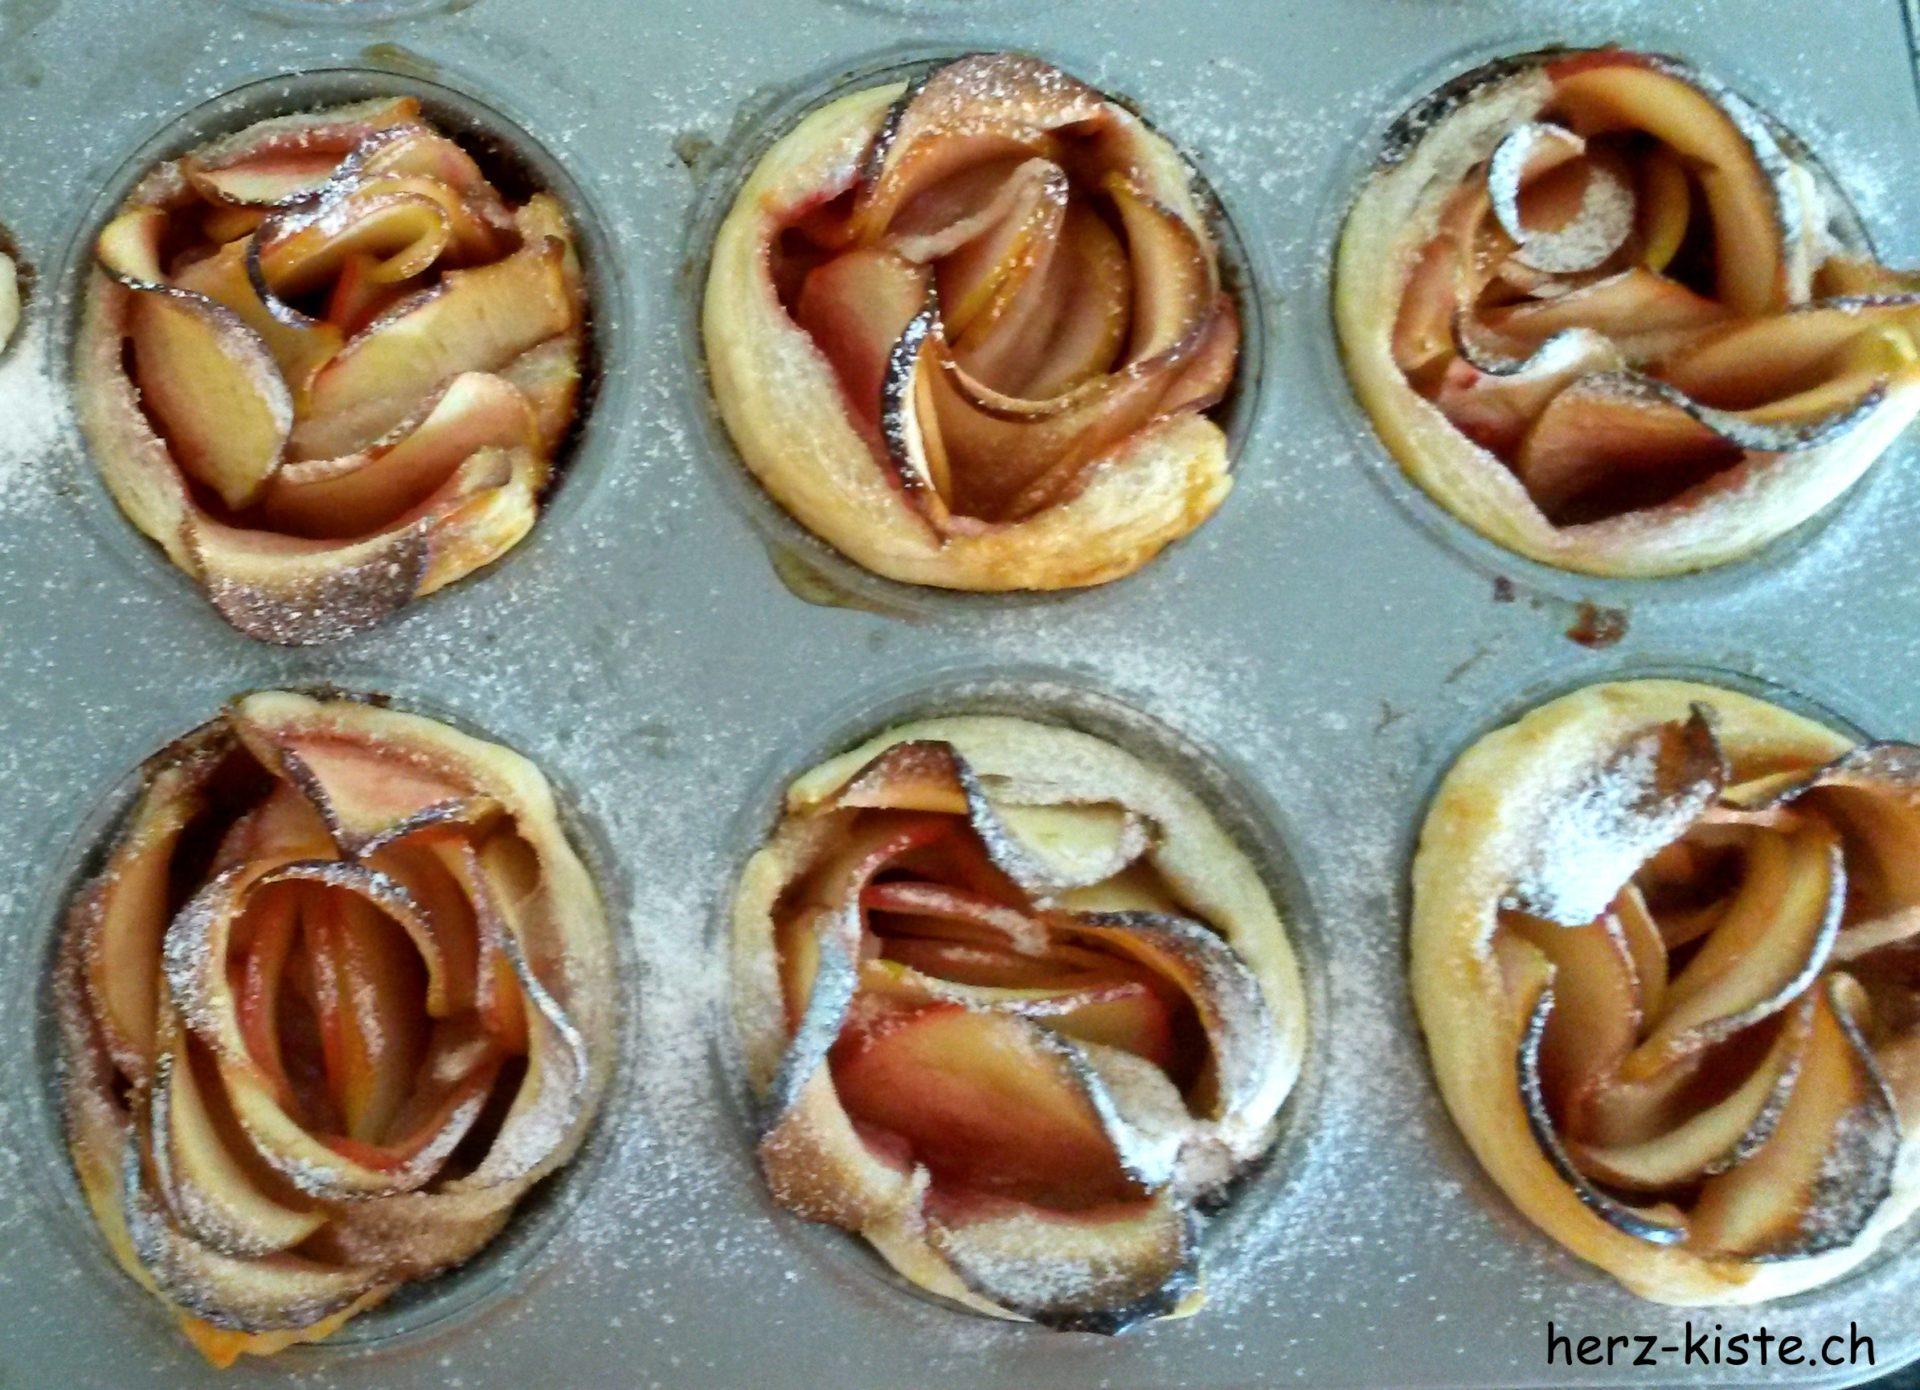 Apfelrosen in einem Muffinblech